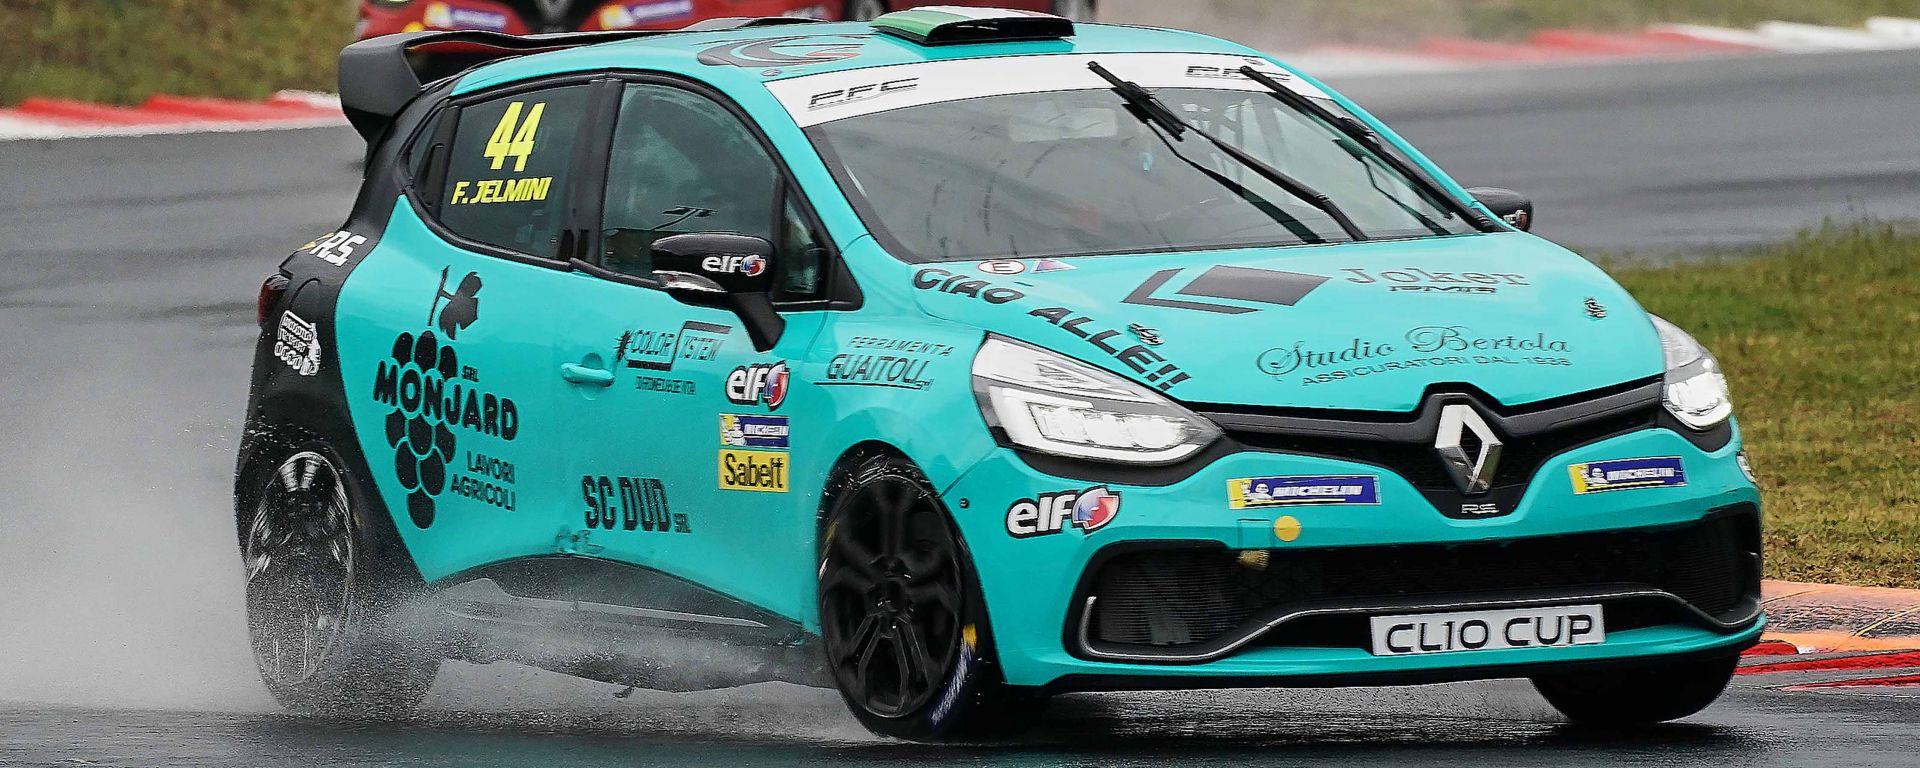 Renault Clio Cup Italia 2019, Vallelunga: Felice Jelmini (Composit Motorsport)